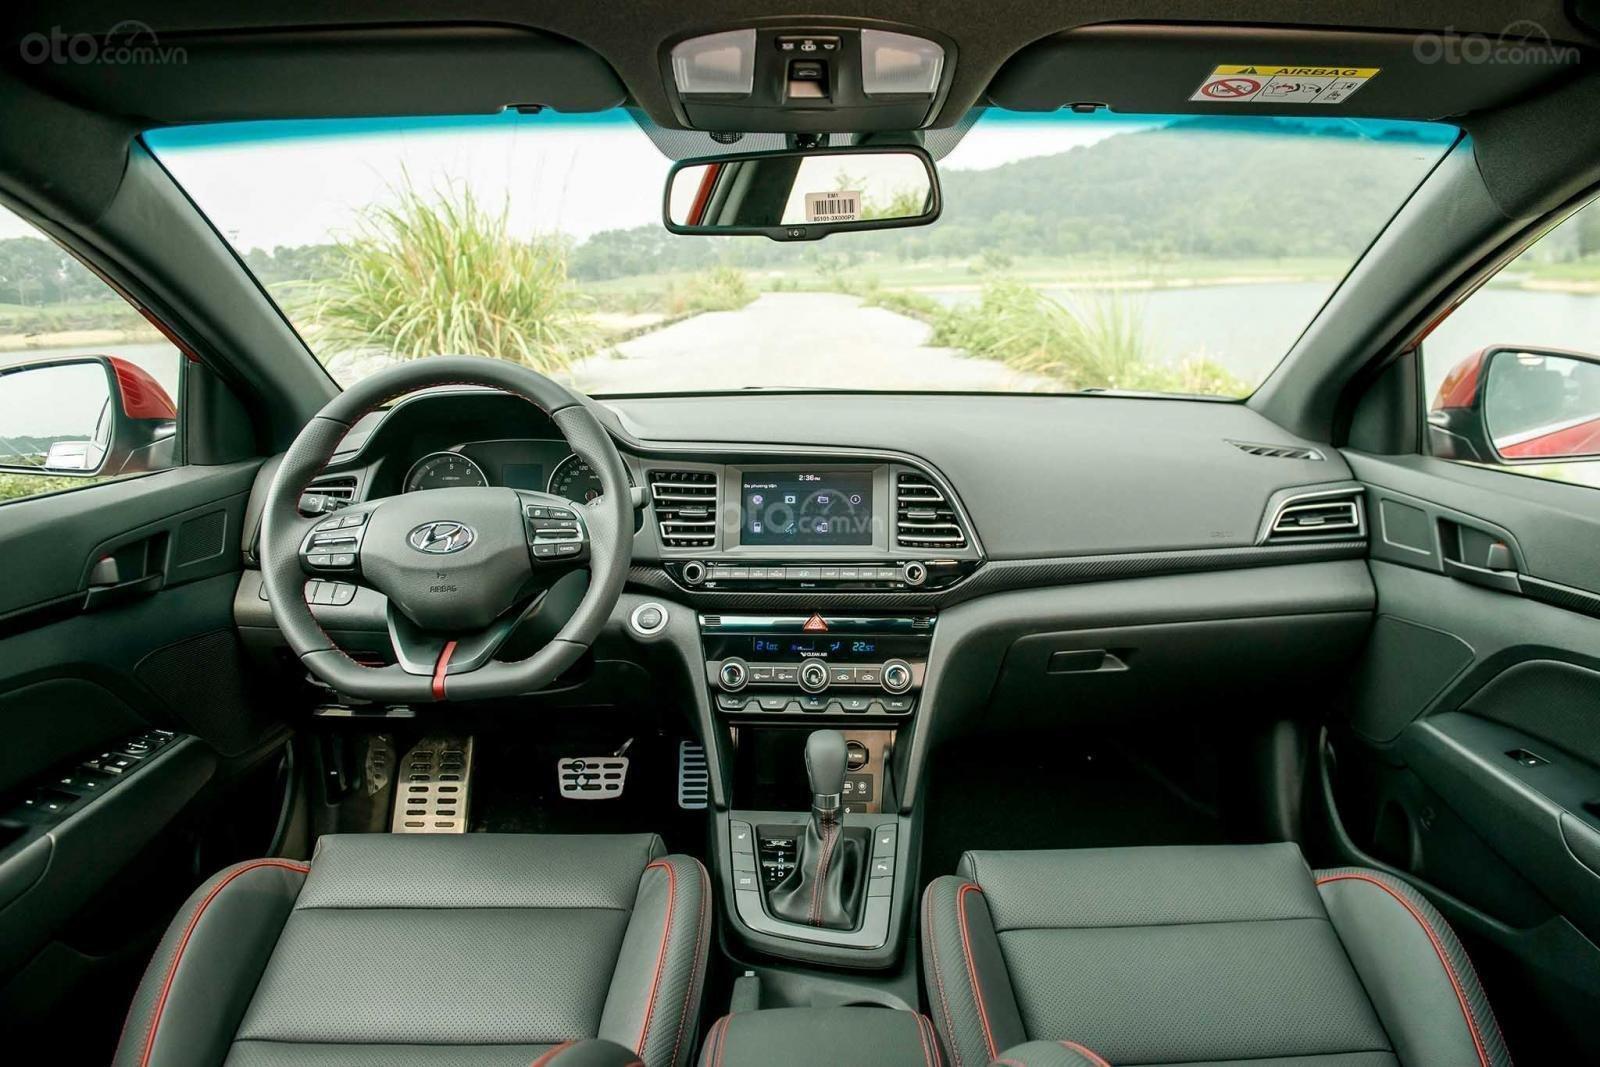 Bán Hyundai Elantra 2020 chỉ với 116 triệu nhận ngay Elantra tại nhà, tặng kèm phụ kiện chính hãng + giảm ngay 80 triệu (6)